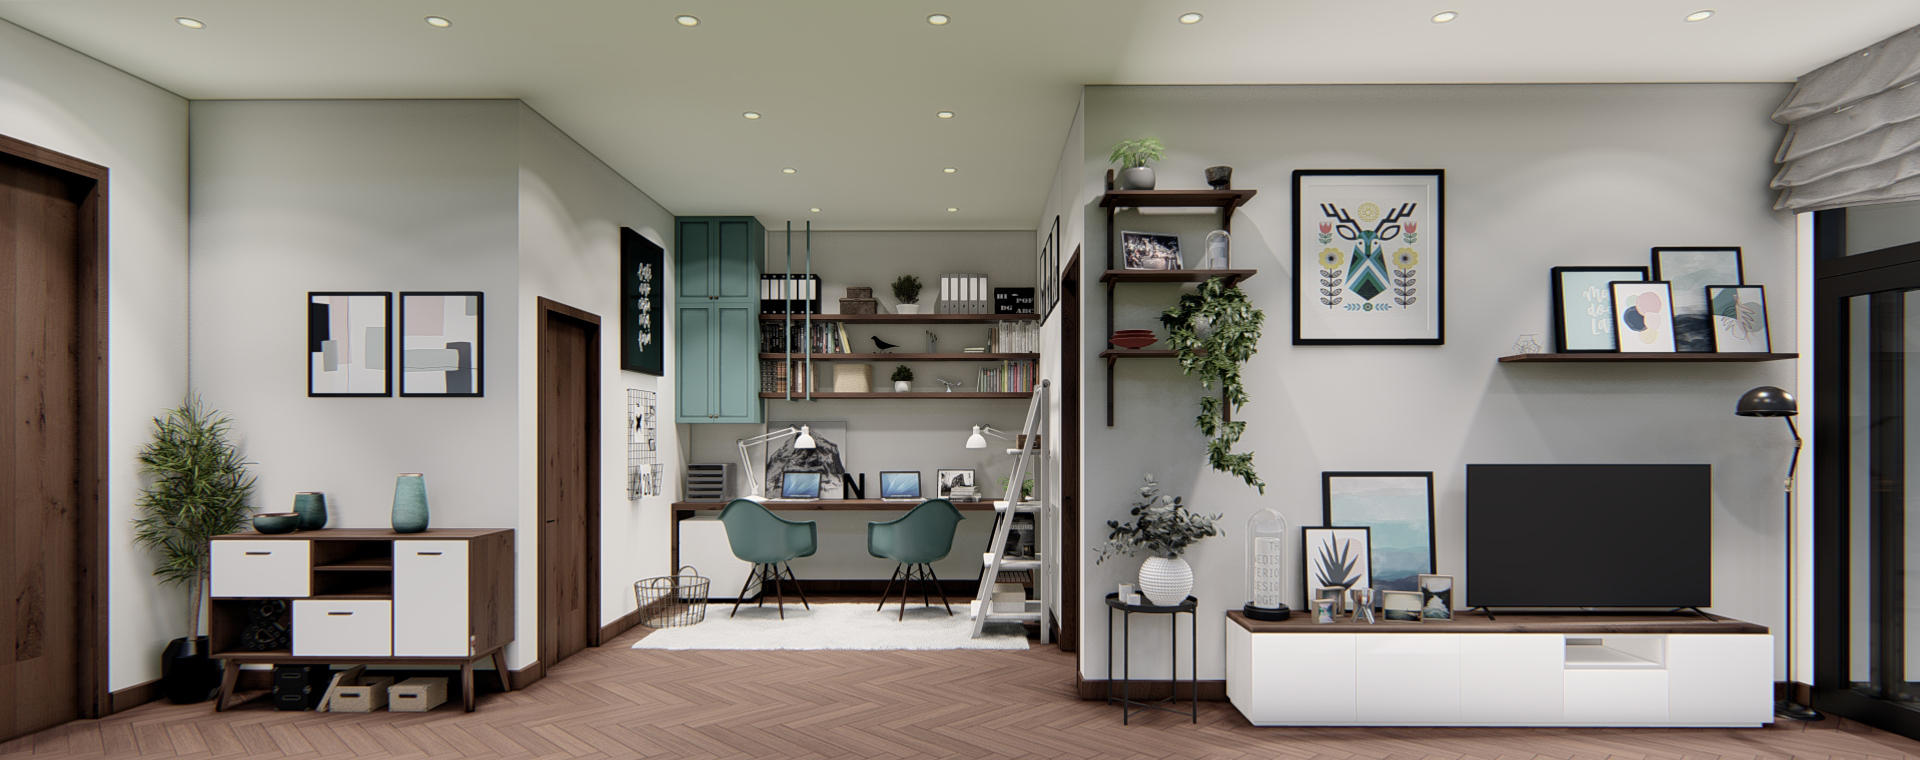 thiết kế nội thất chung cư tại Hồ Chí Minh Căn hộ Hà Đô Centrosa 4 1565695033